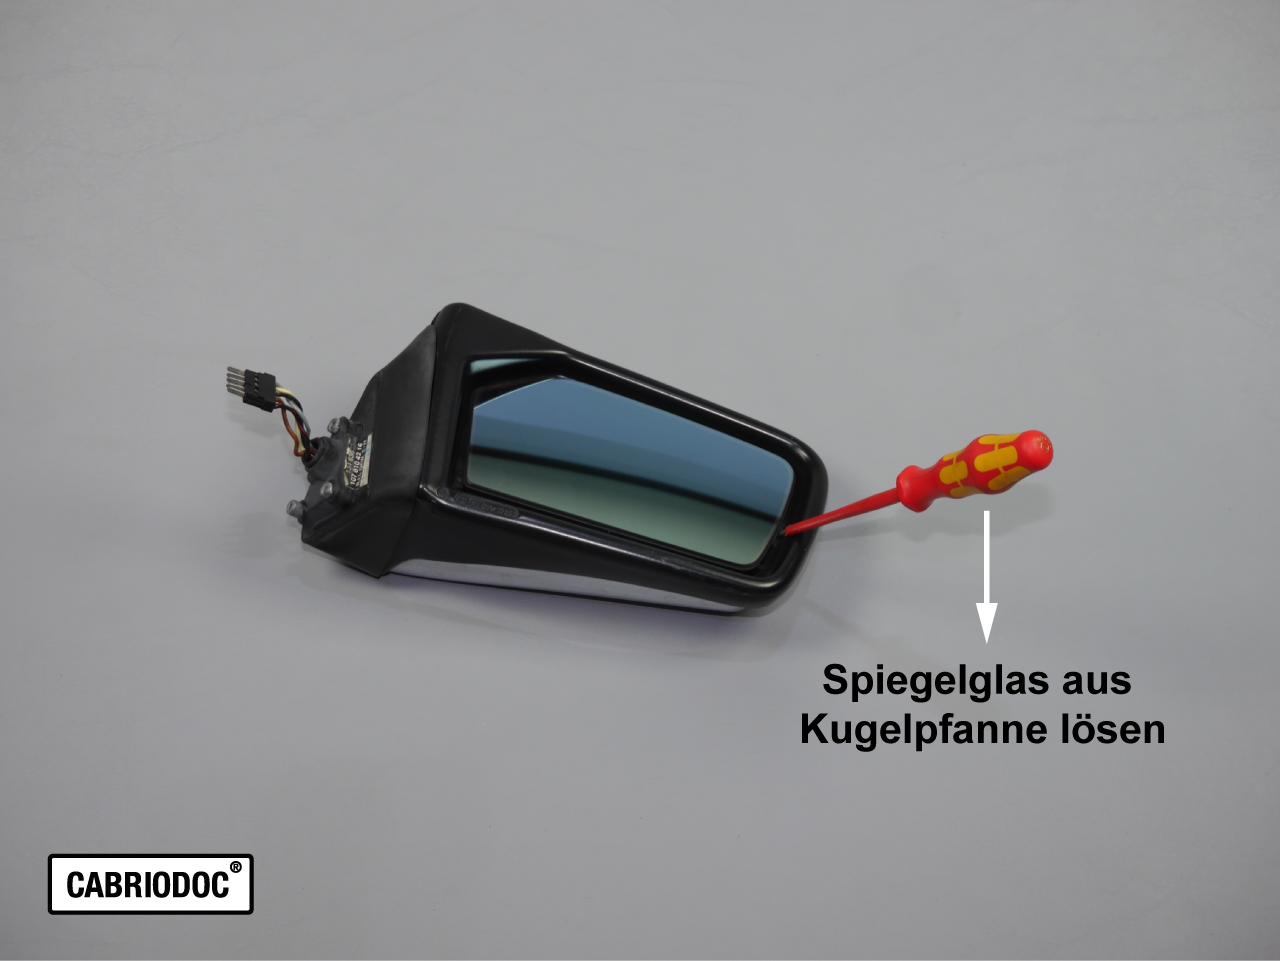 Spiegelglas-ausbauen-MB-107_01_1280